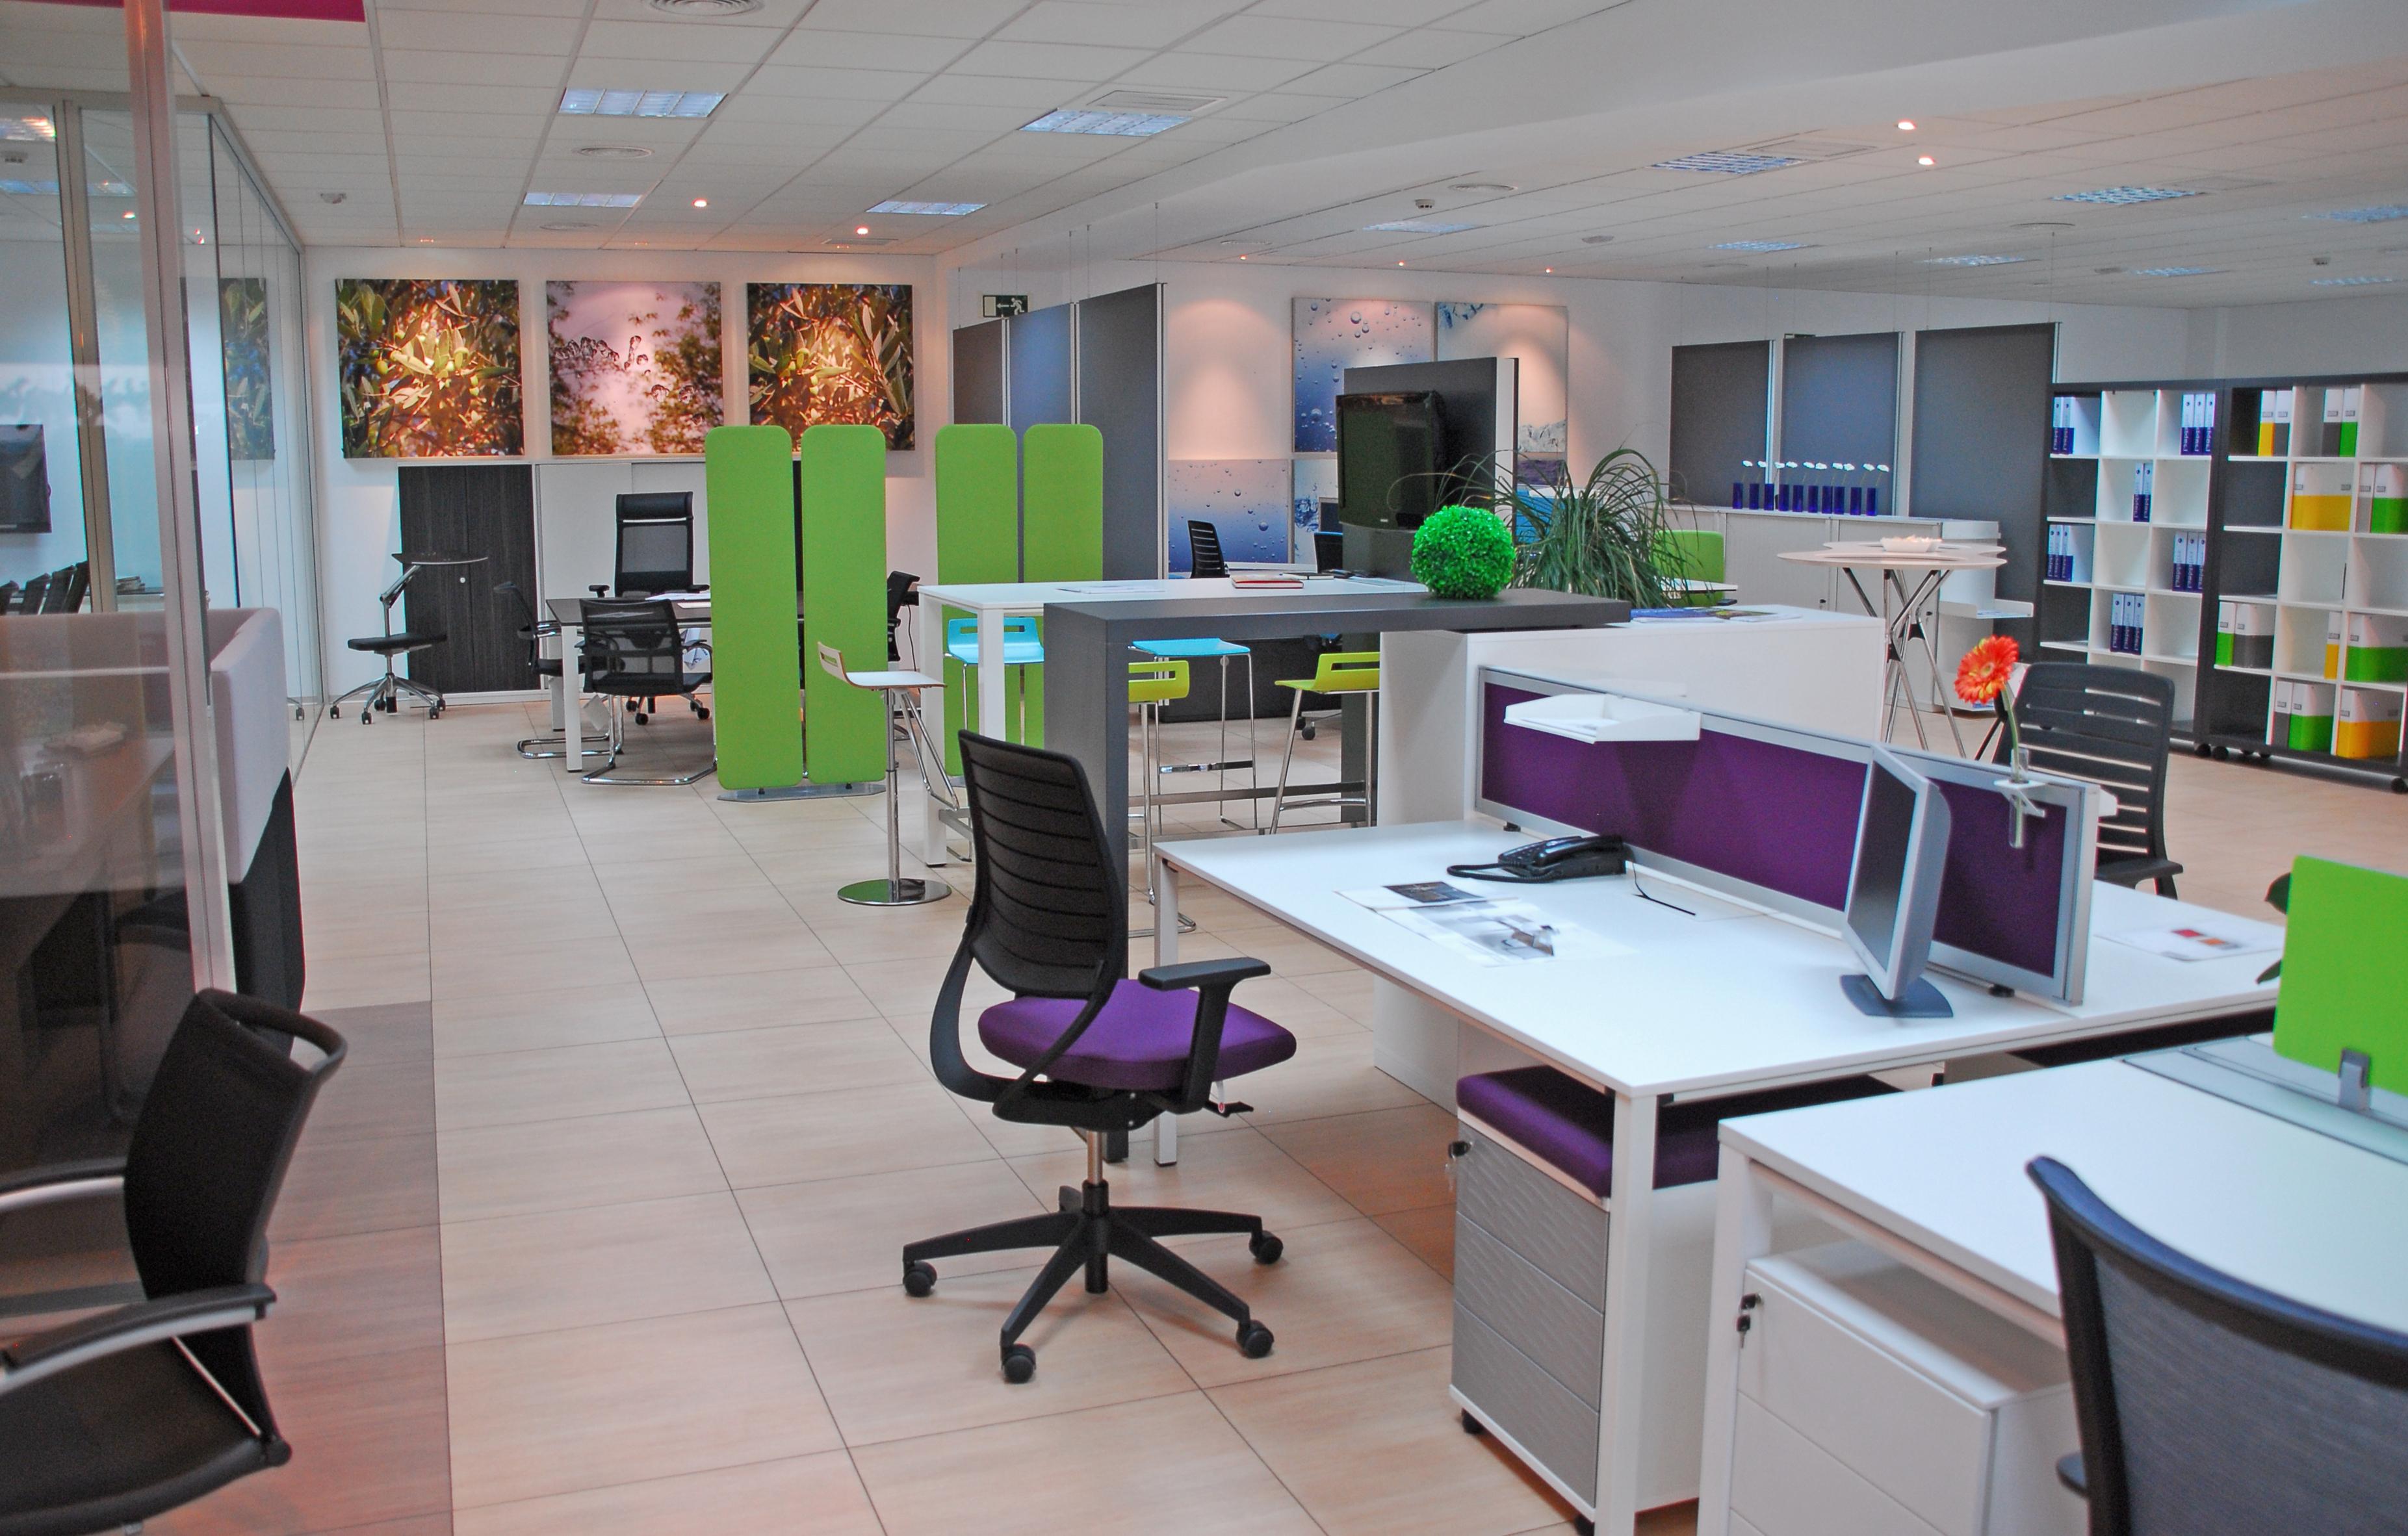 Muebles De Oficina Madrid 8ydm Exposicià N De Muebles De Oficina En Madrid Cà Mo Saber Cuà L Es La Mejor